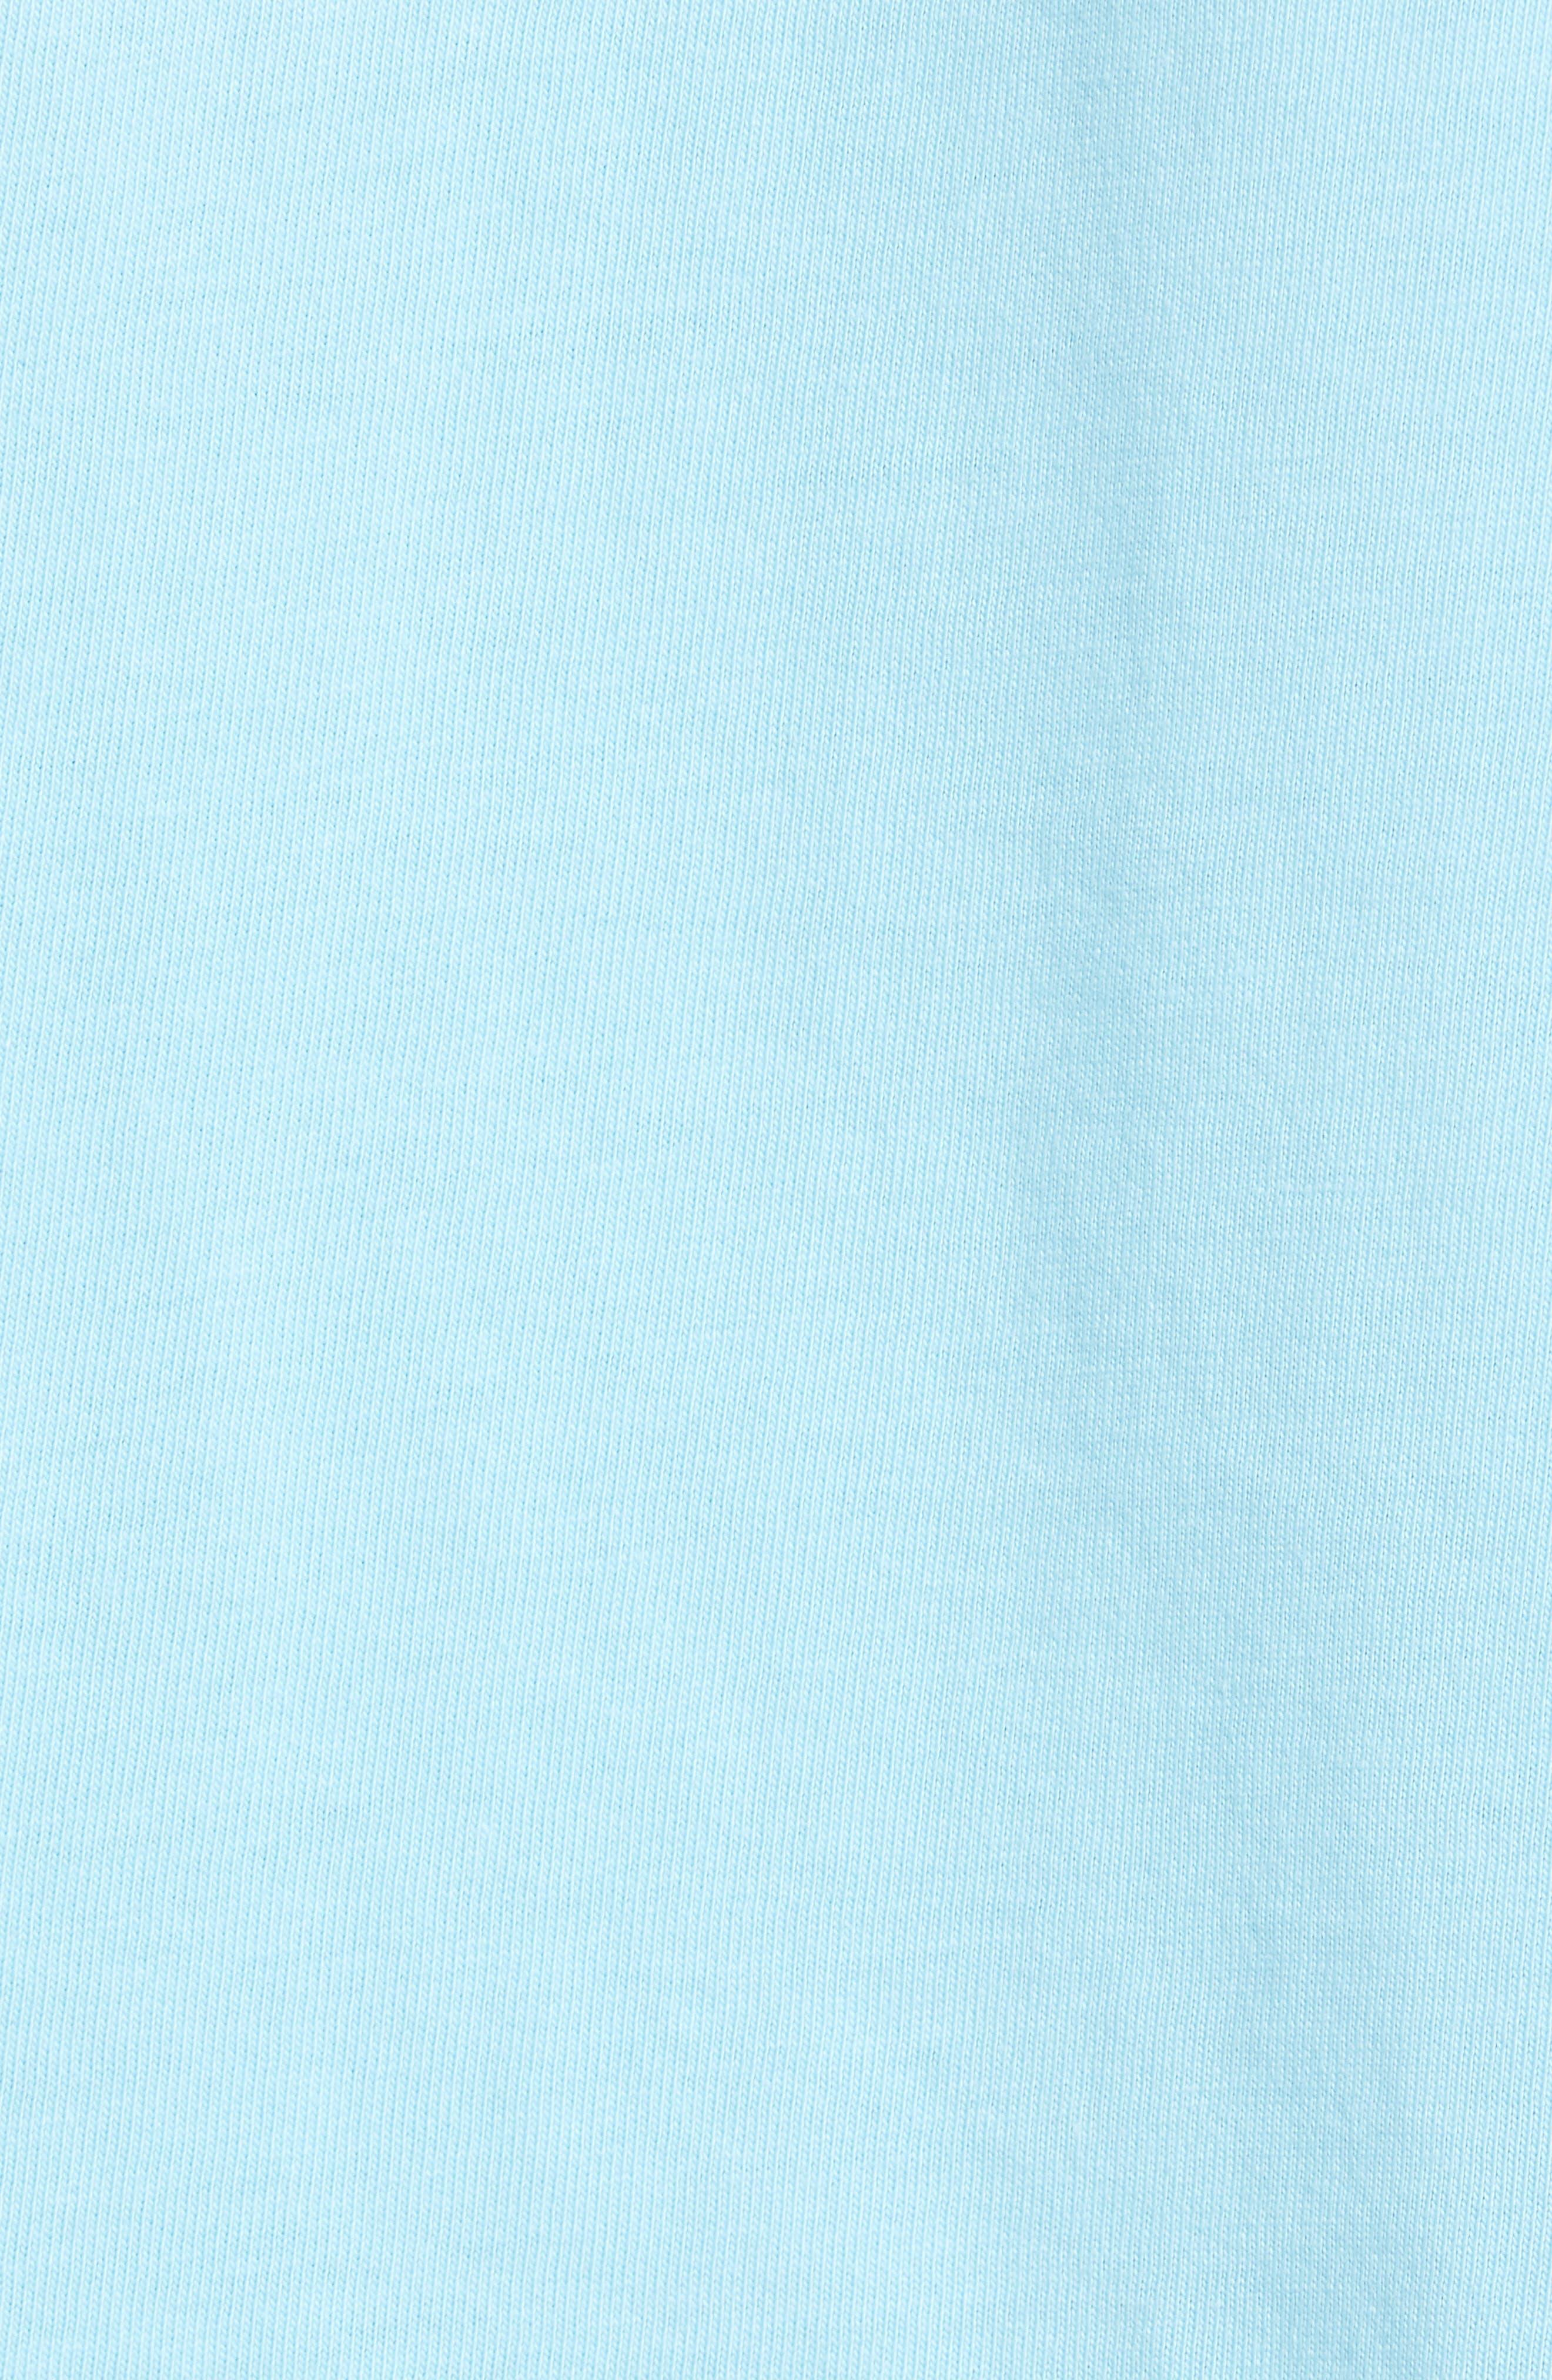 Beach Grille T-Shirt,                             Alternate thumbnail 3, color,                             Bowtie Blue